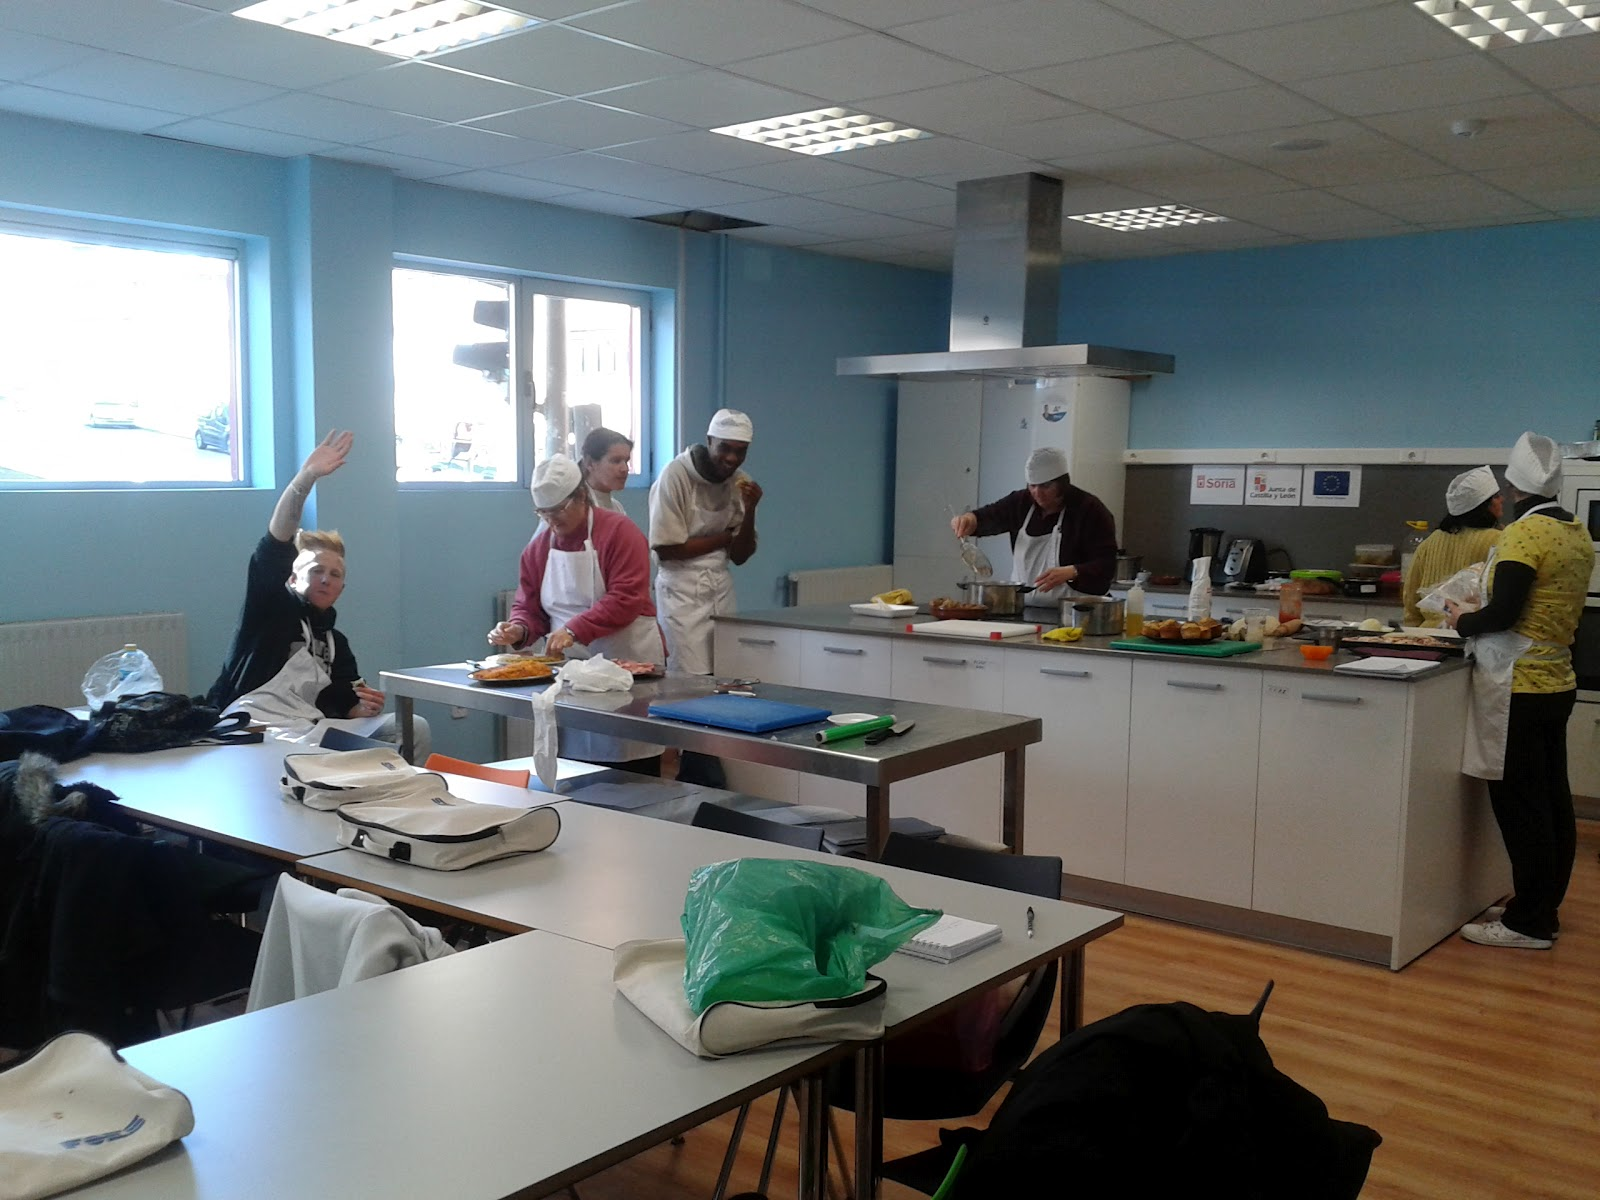 Centro civico becquer foes curso de ayudante de cocina for Cursos de ayudante de cocina